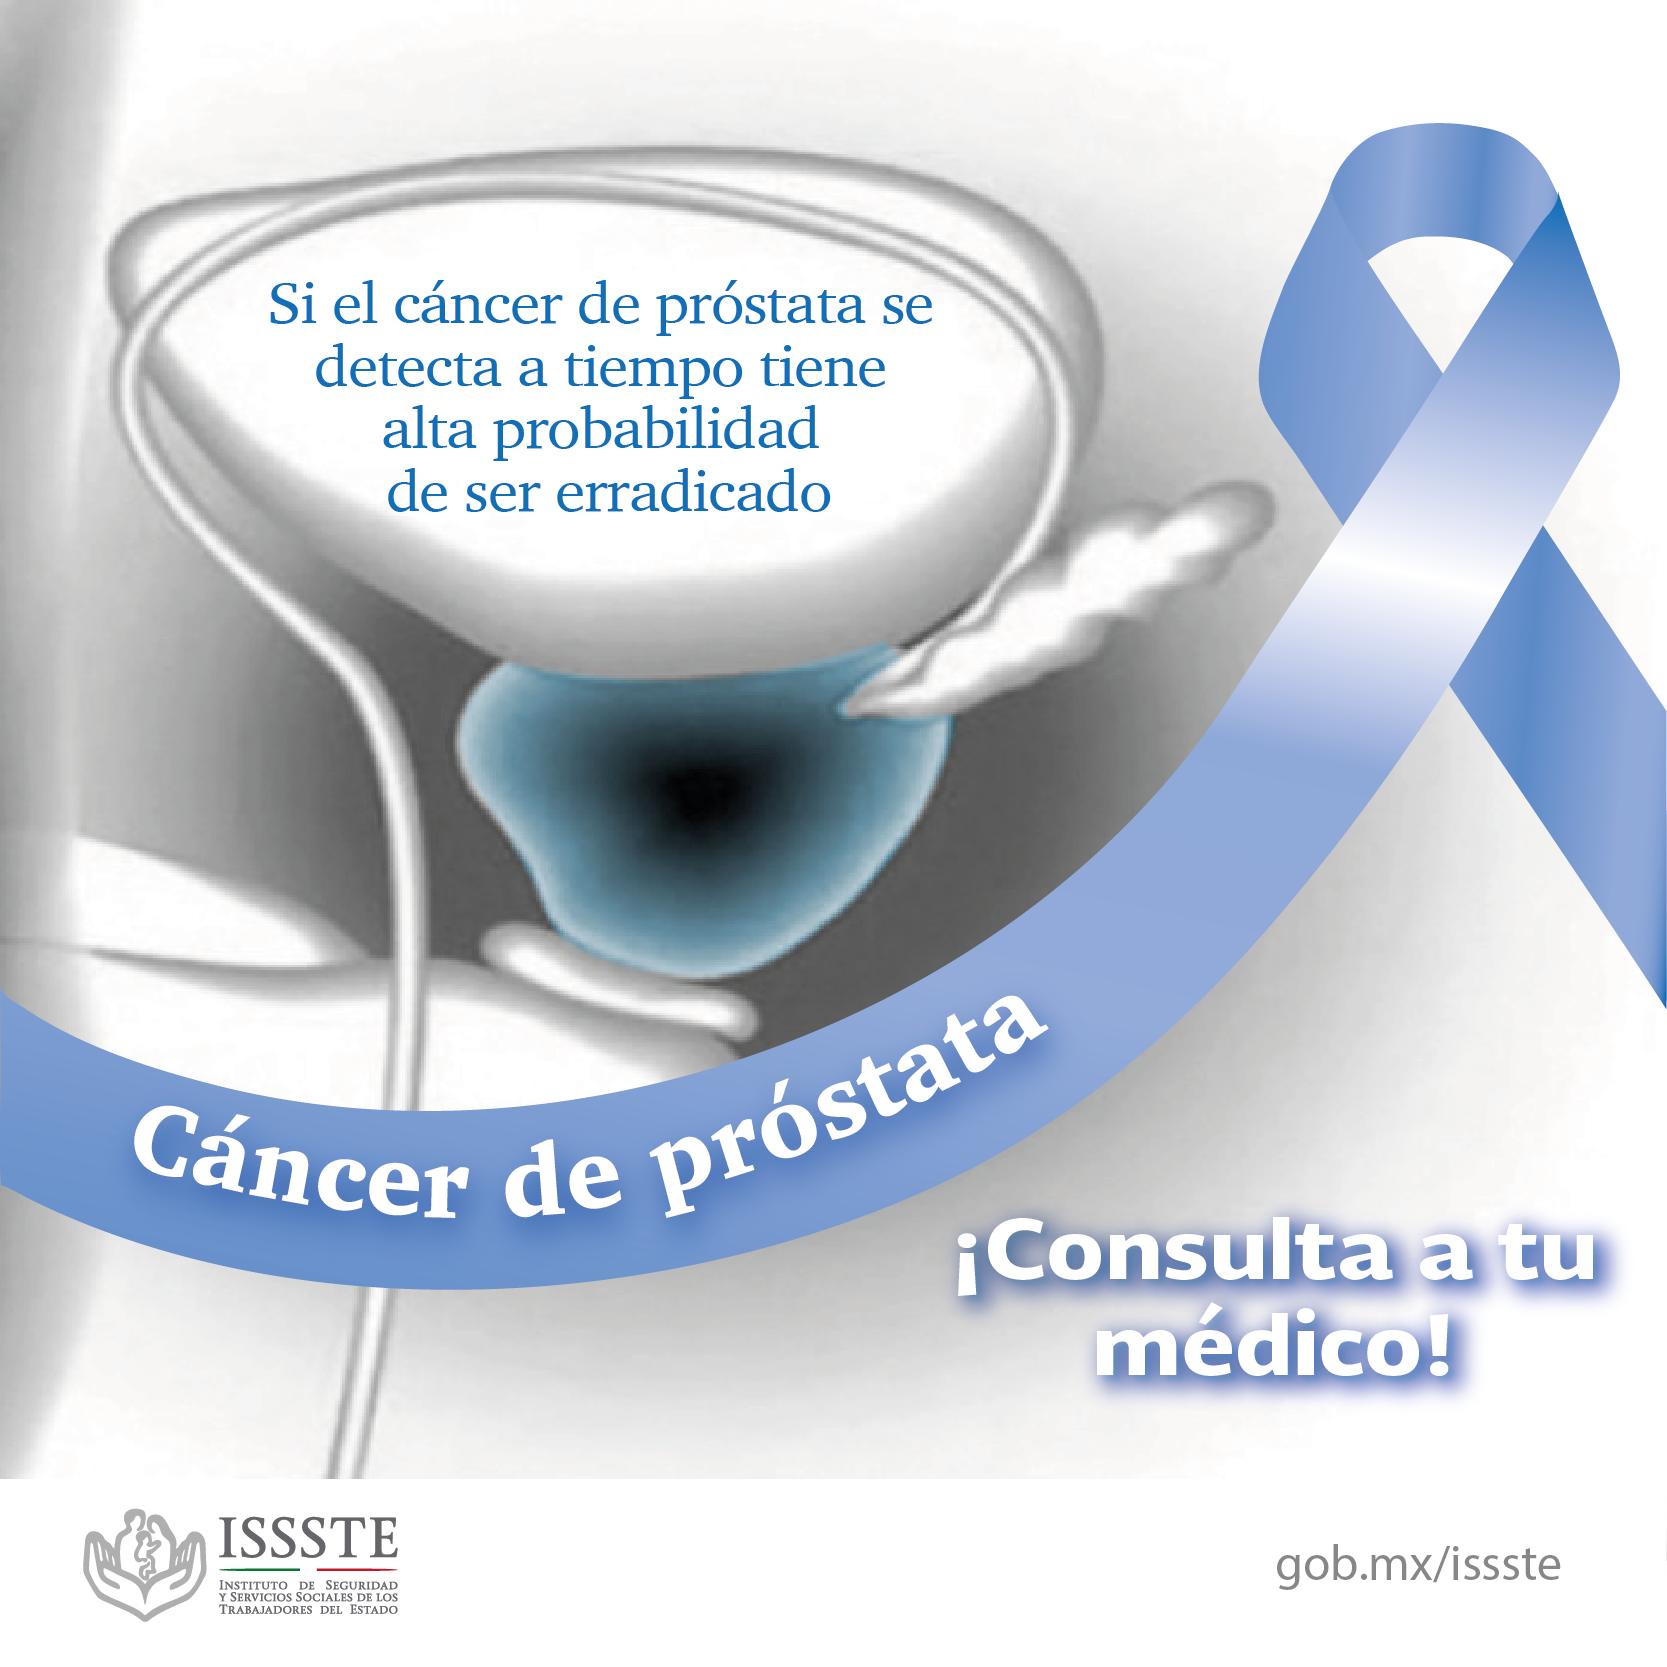 luminaria cáncer de próstata